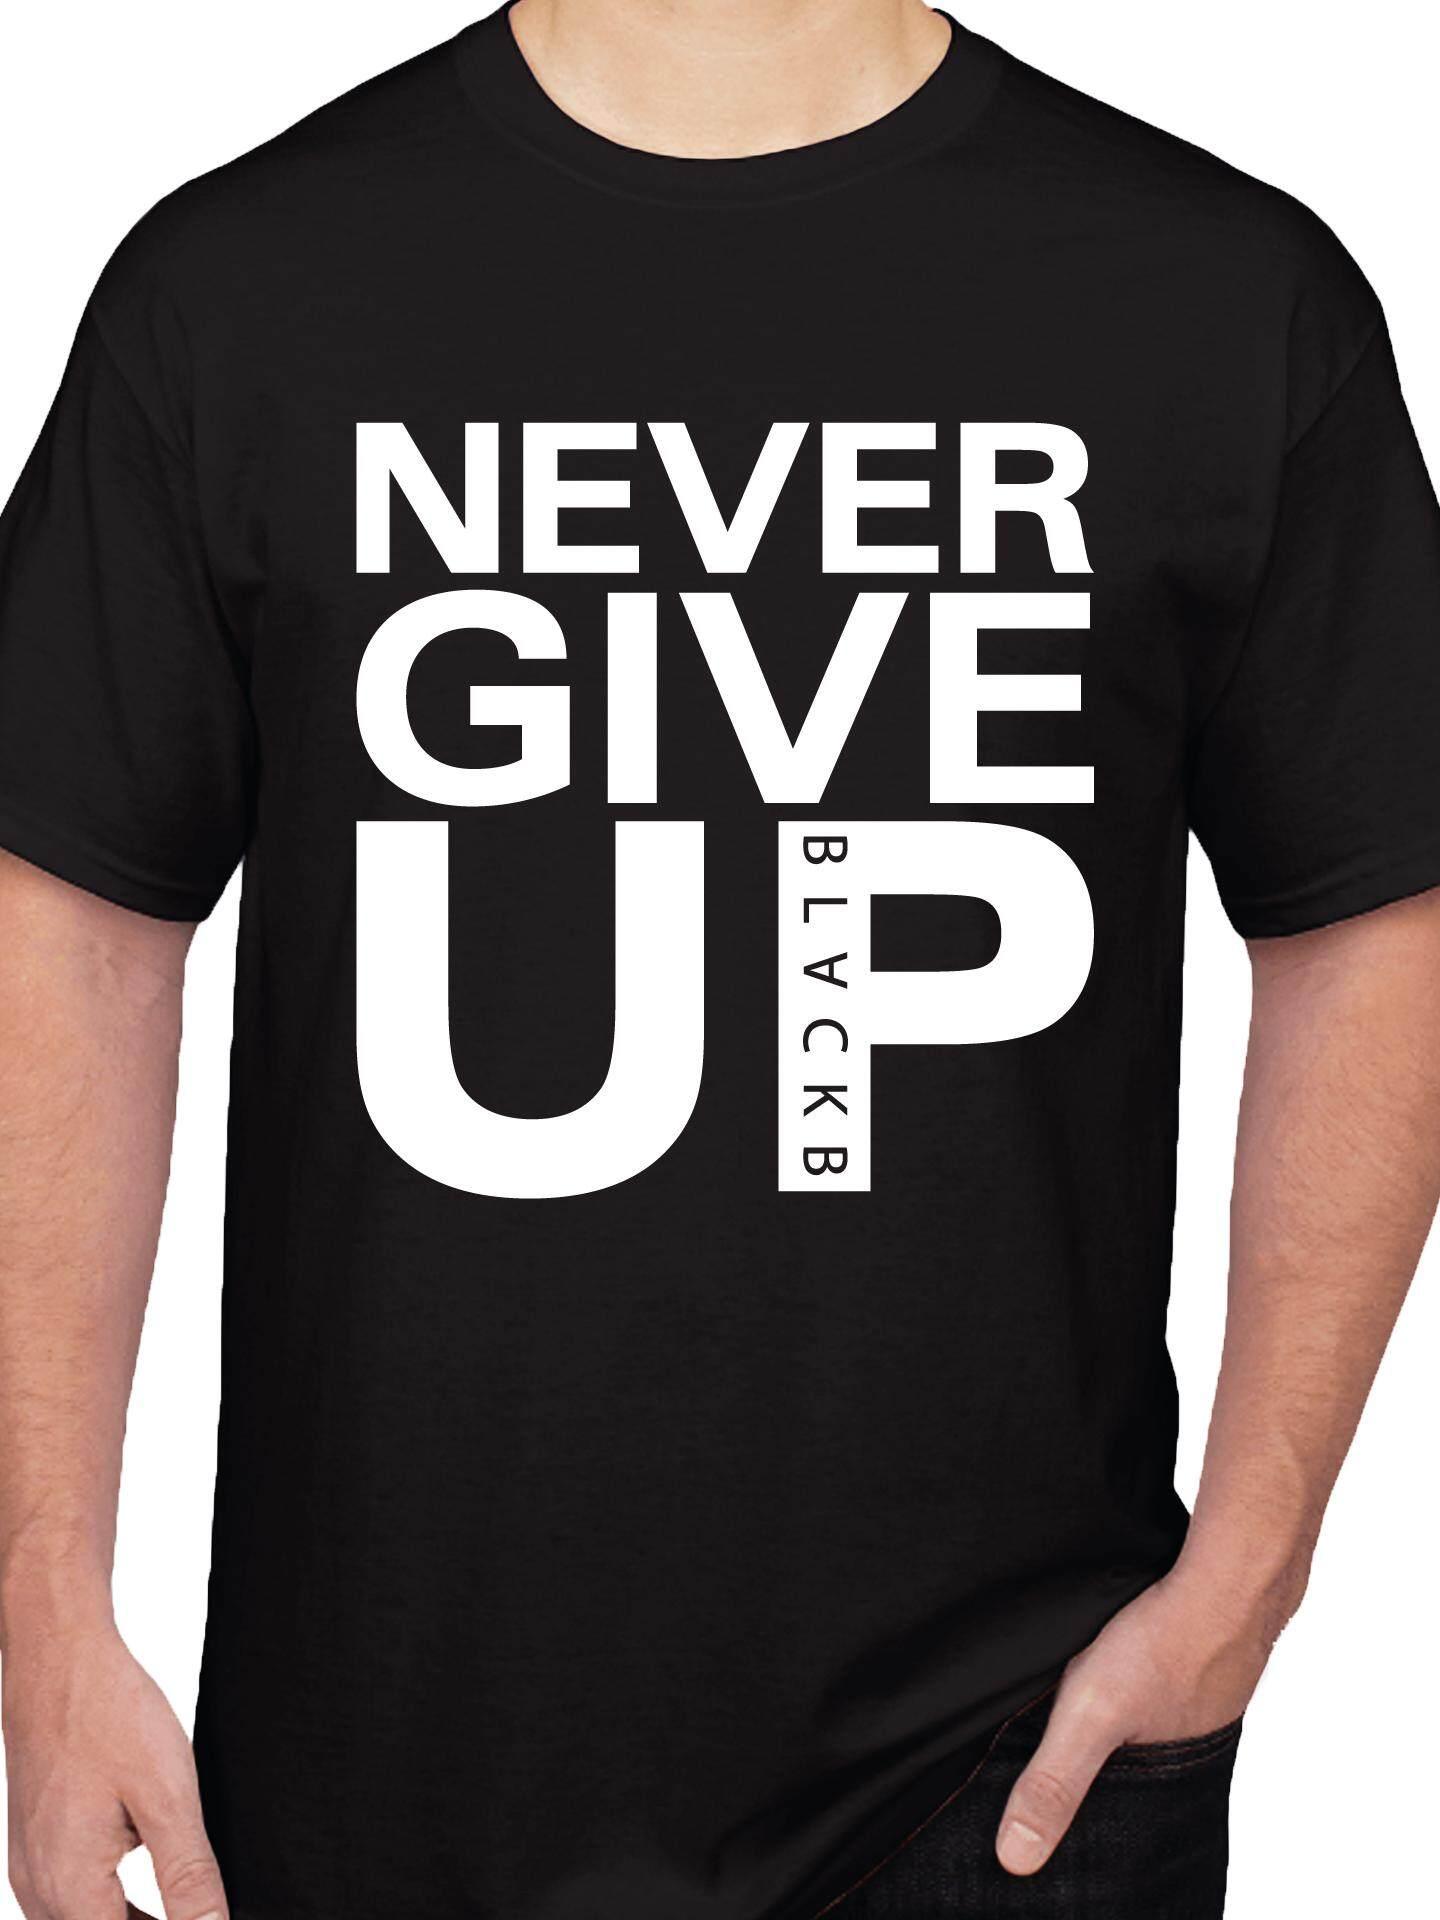 เสื้อยืดคอกลมสกรีนลาย Never Give Up Mohamed Salah (สีดำ) By Fullyscreen.